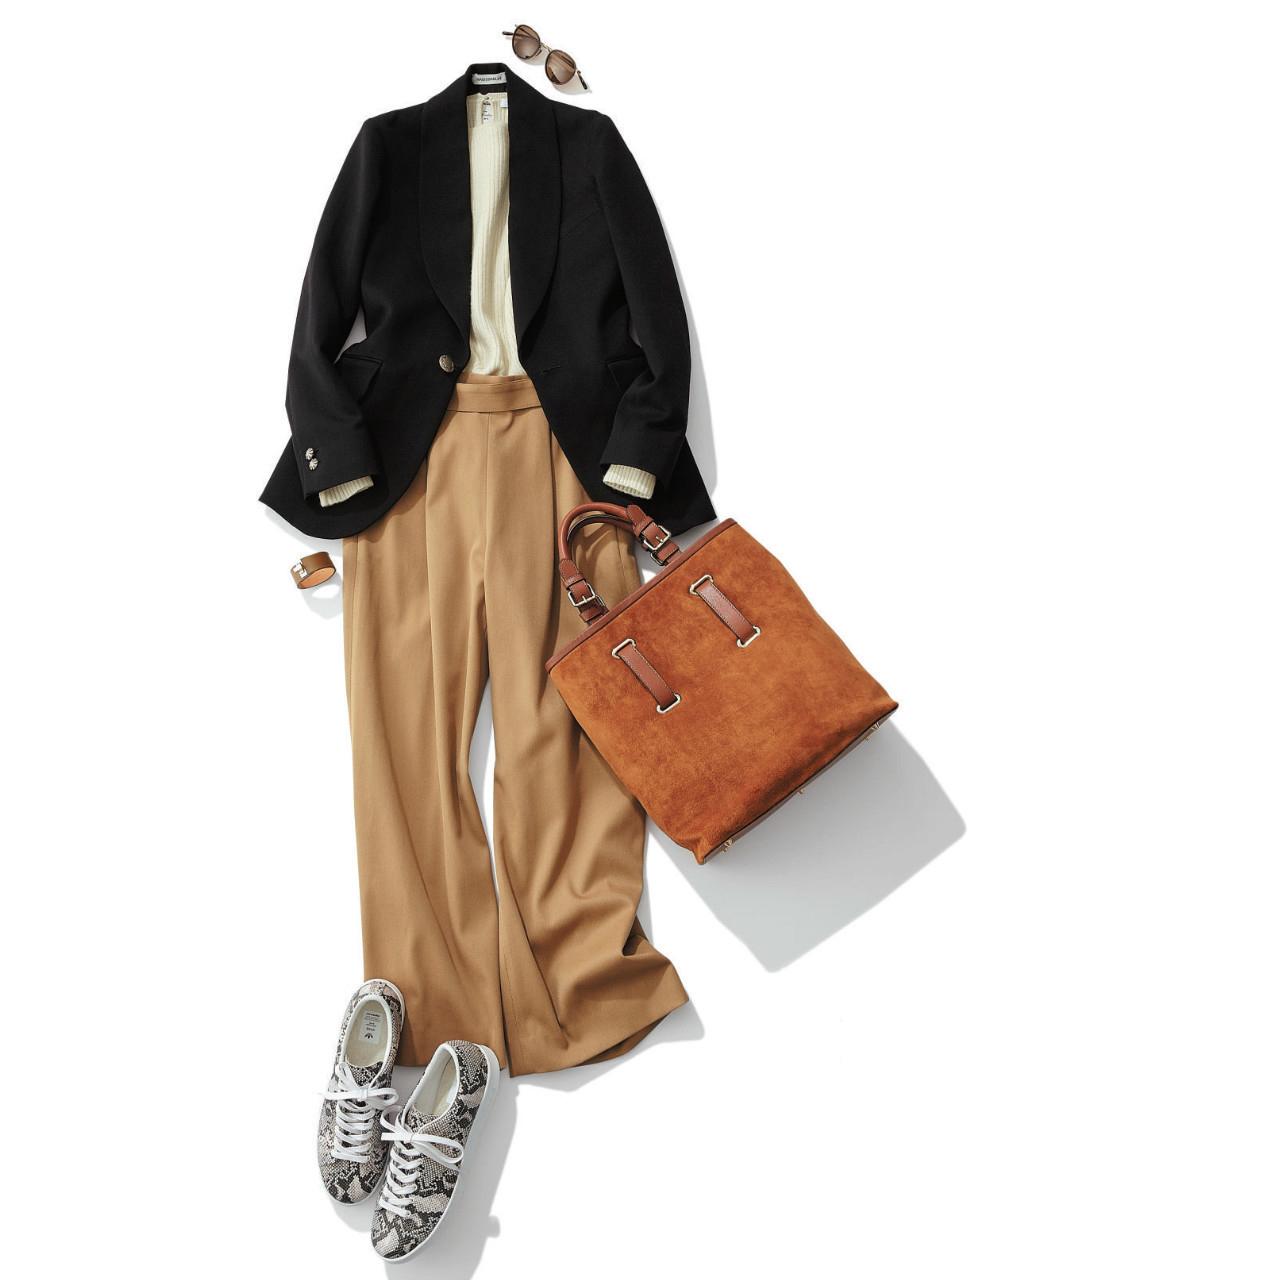 スネーク柄スニーカー×ジャケット&パンツのファッションコーデ